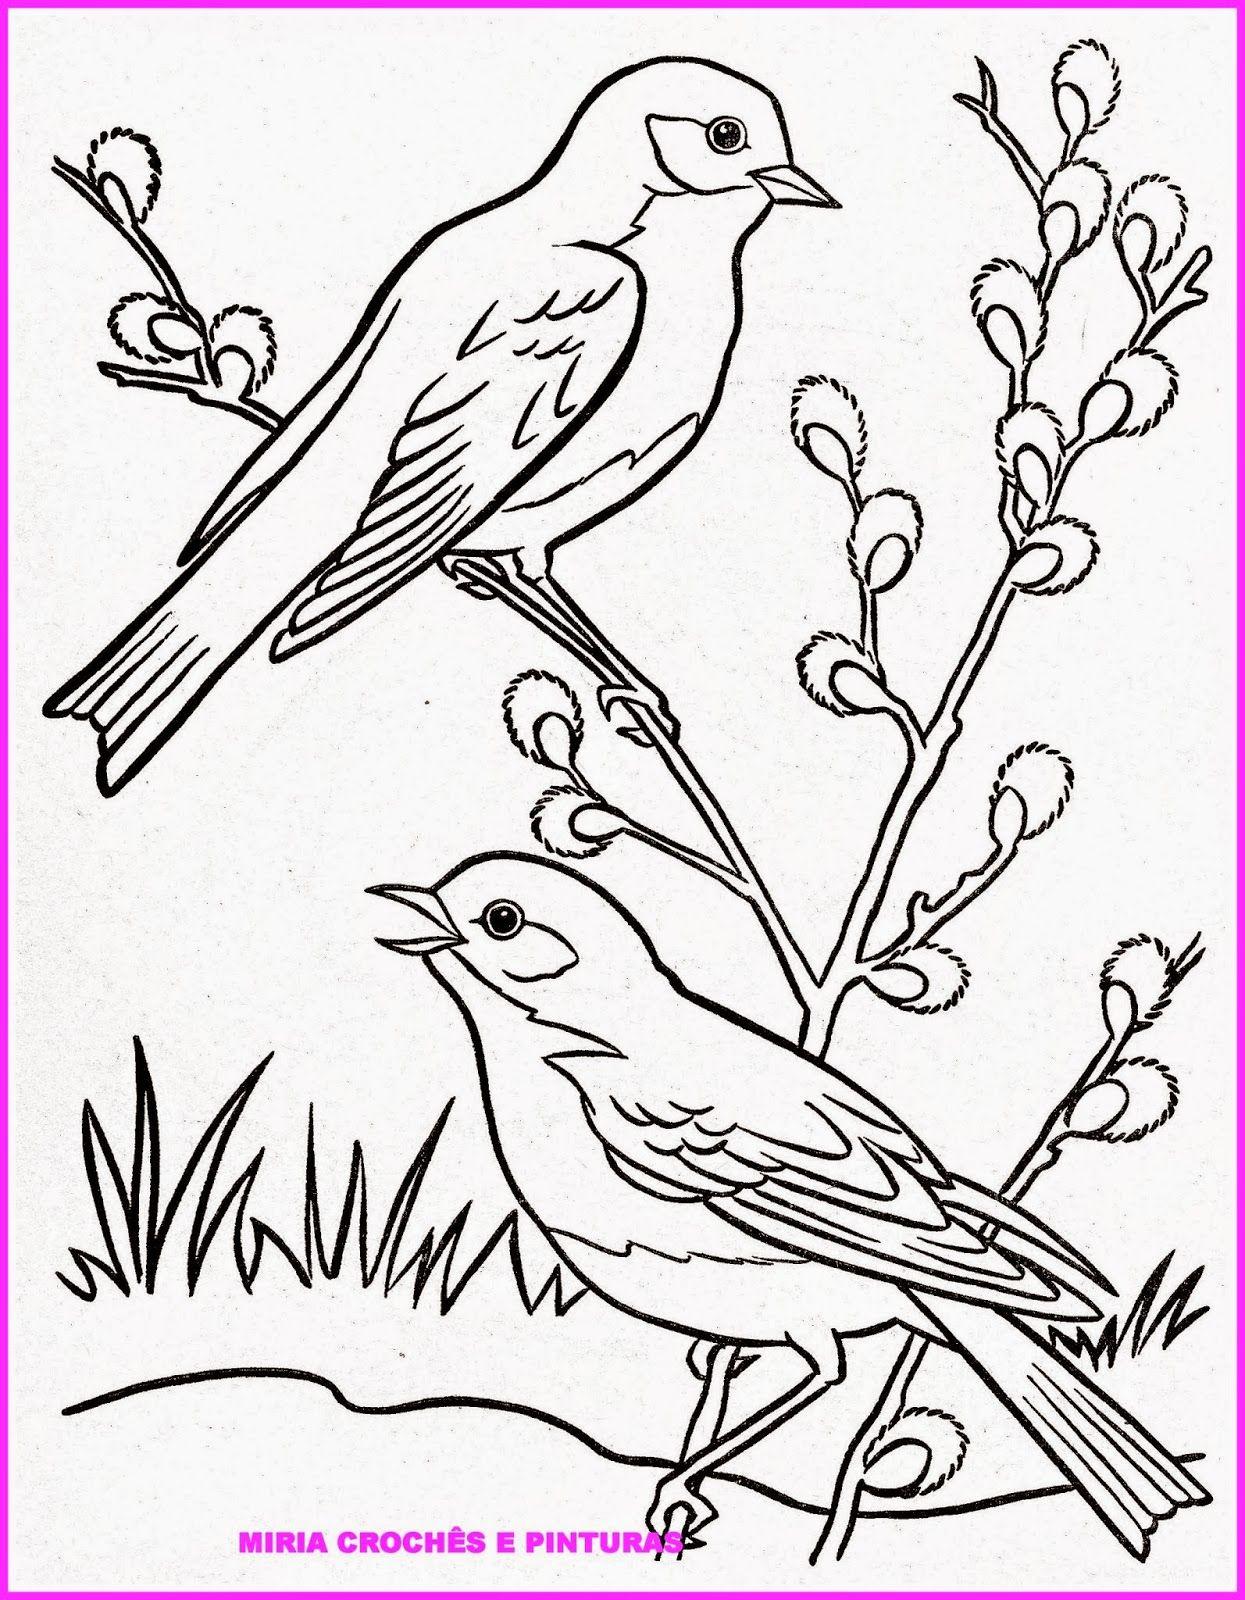 Para quem gosta de pintar pássaros, eis aqui algumas sugestões ...